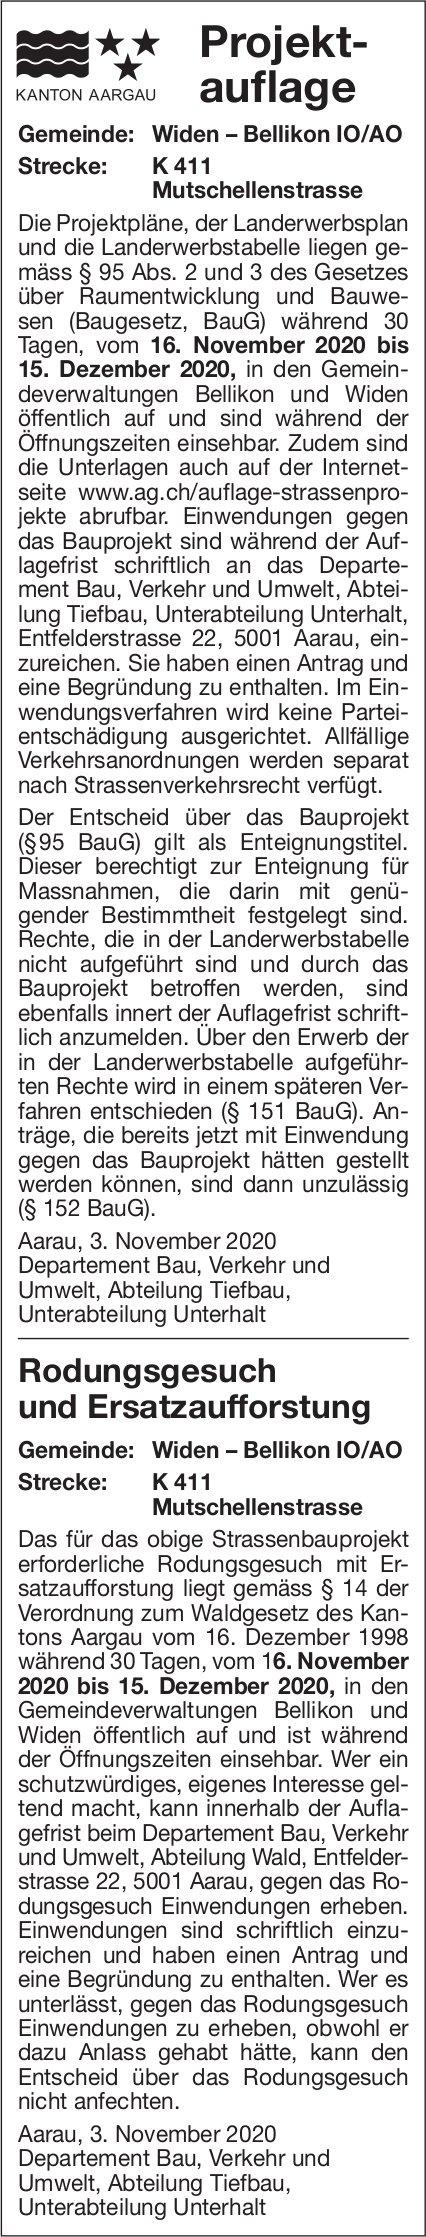 Kanton Aargau - Projektauflage